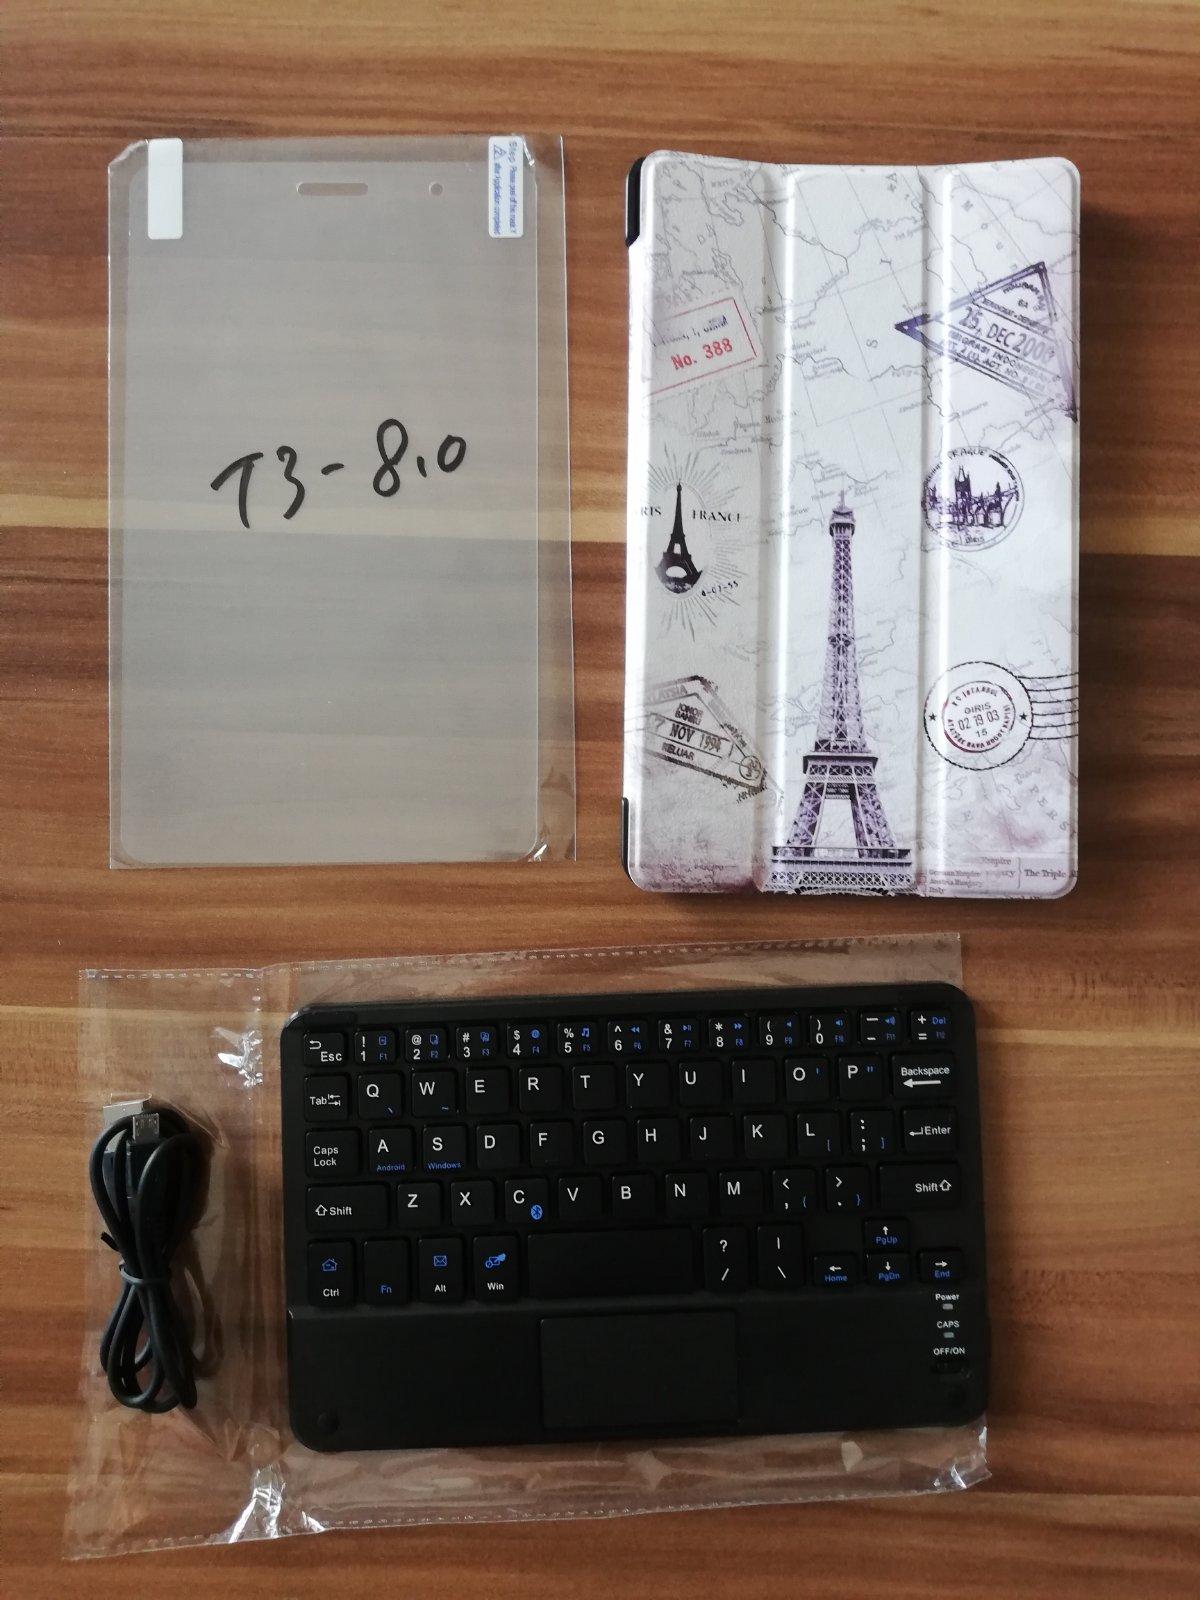 661130d6dad3b Puzdro na tablet huawei t3 8.0, huawei - 15 € od predávajúcej 4kikuska11 |  Detský bazár | ModryKonik.sk